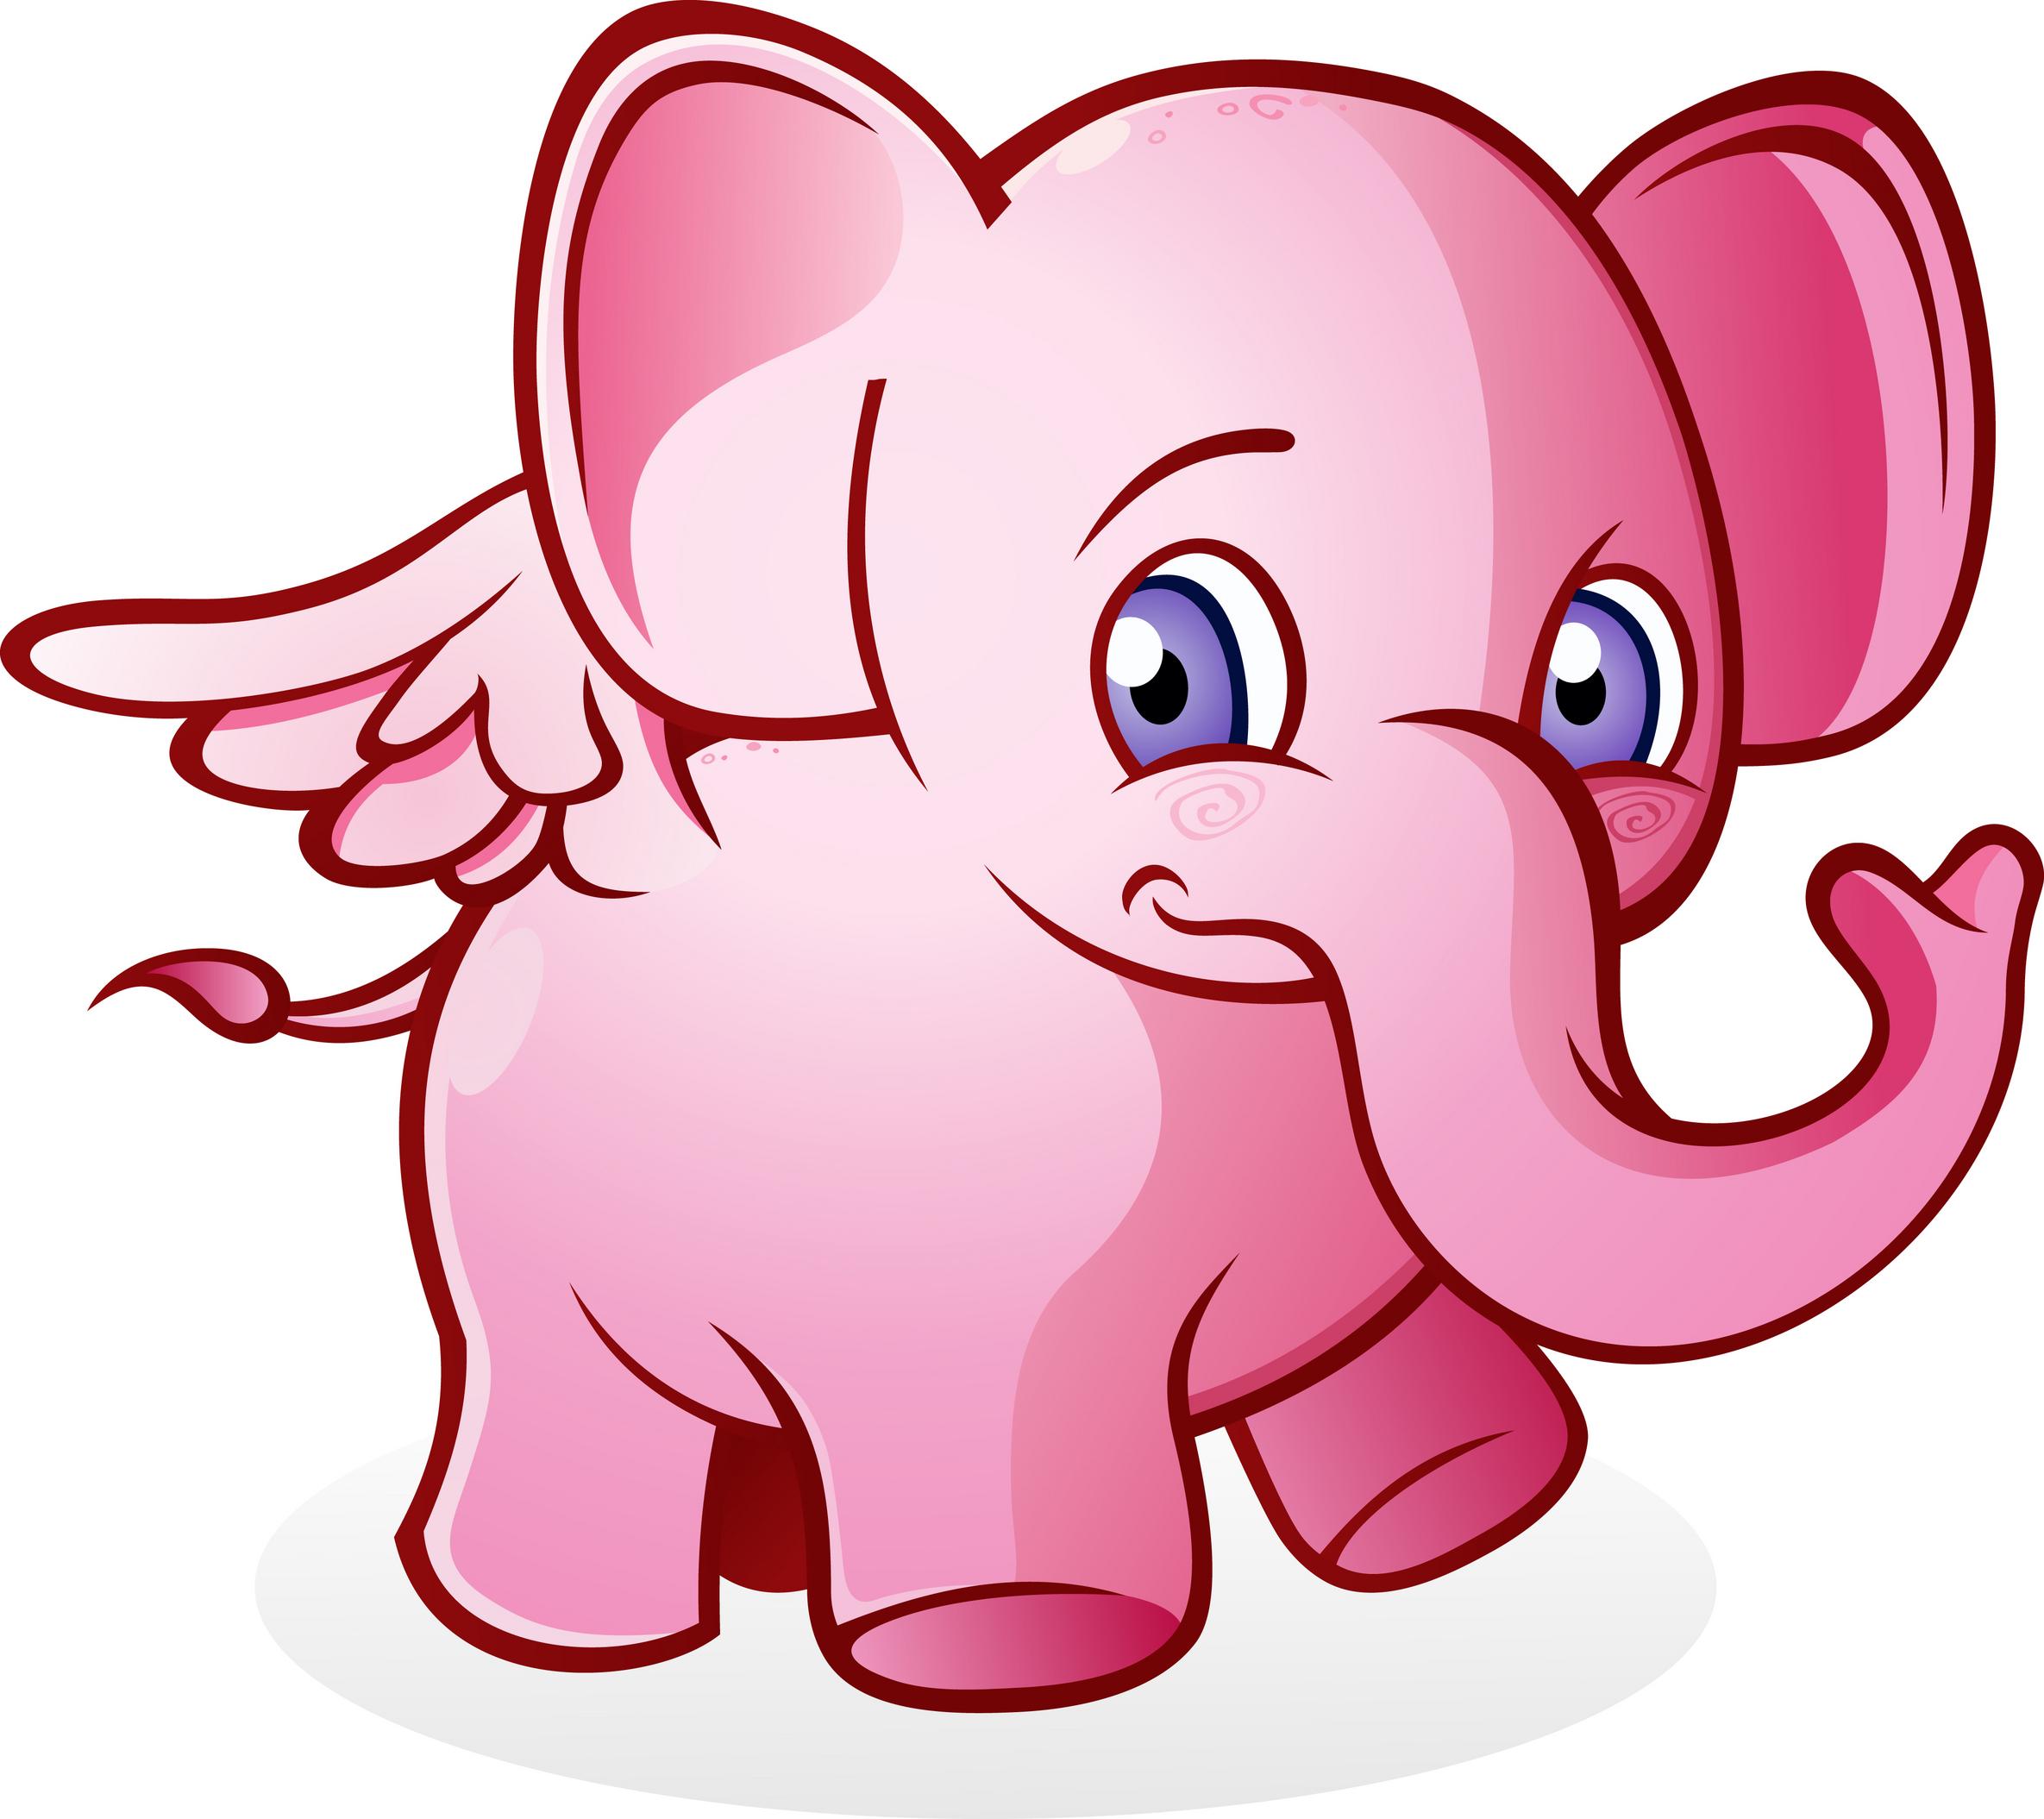 2370x2109 Pink Elephants And Trauma Recovery Trauma Recovery Elephants